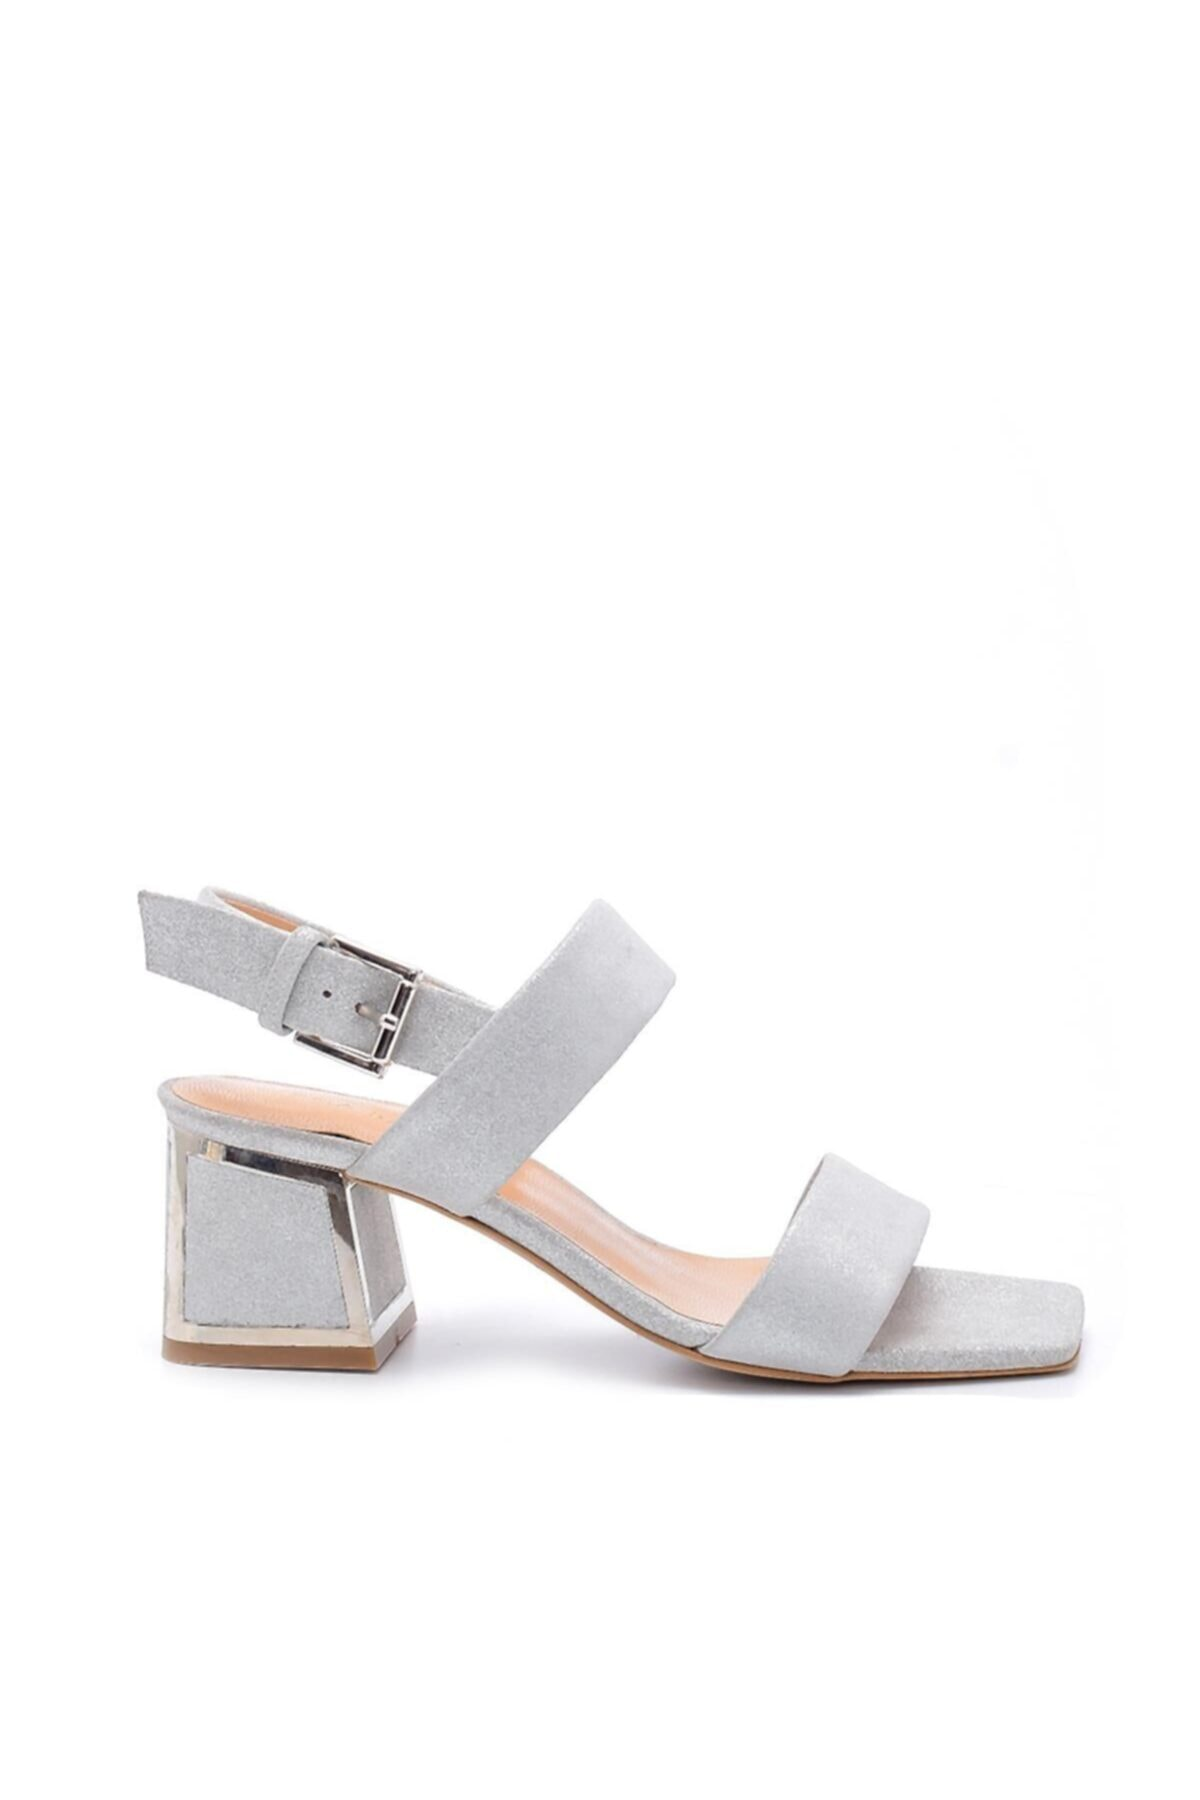 Sofia Baldi Kadın Gümüş Süet Toka Topuklu Sandalet 1